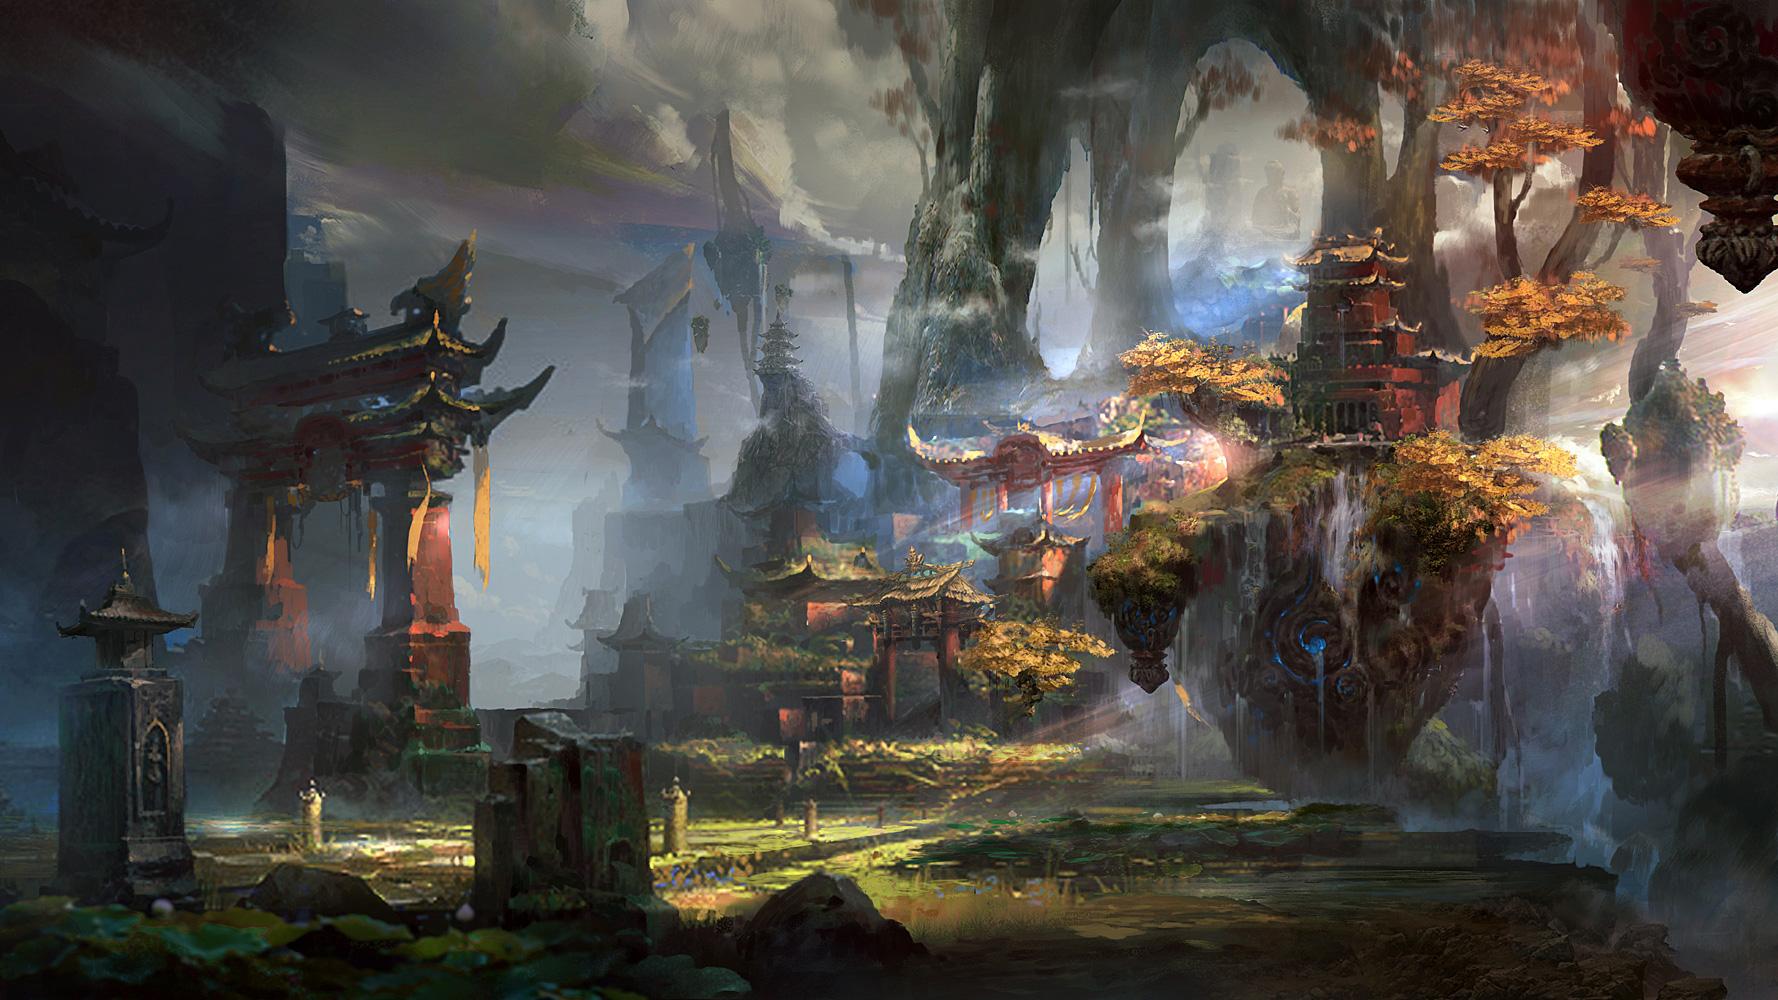 《大闹天宫2》游戏截图原画欣赏